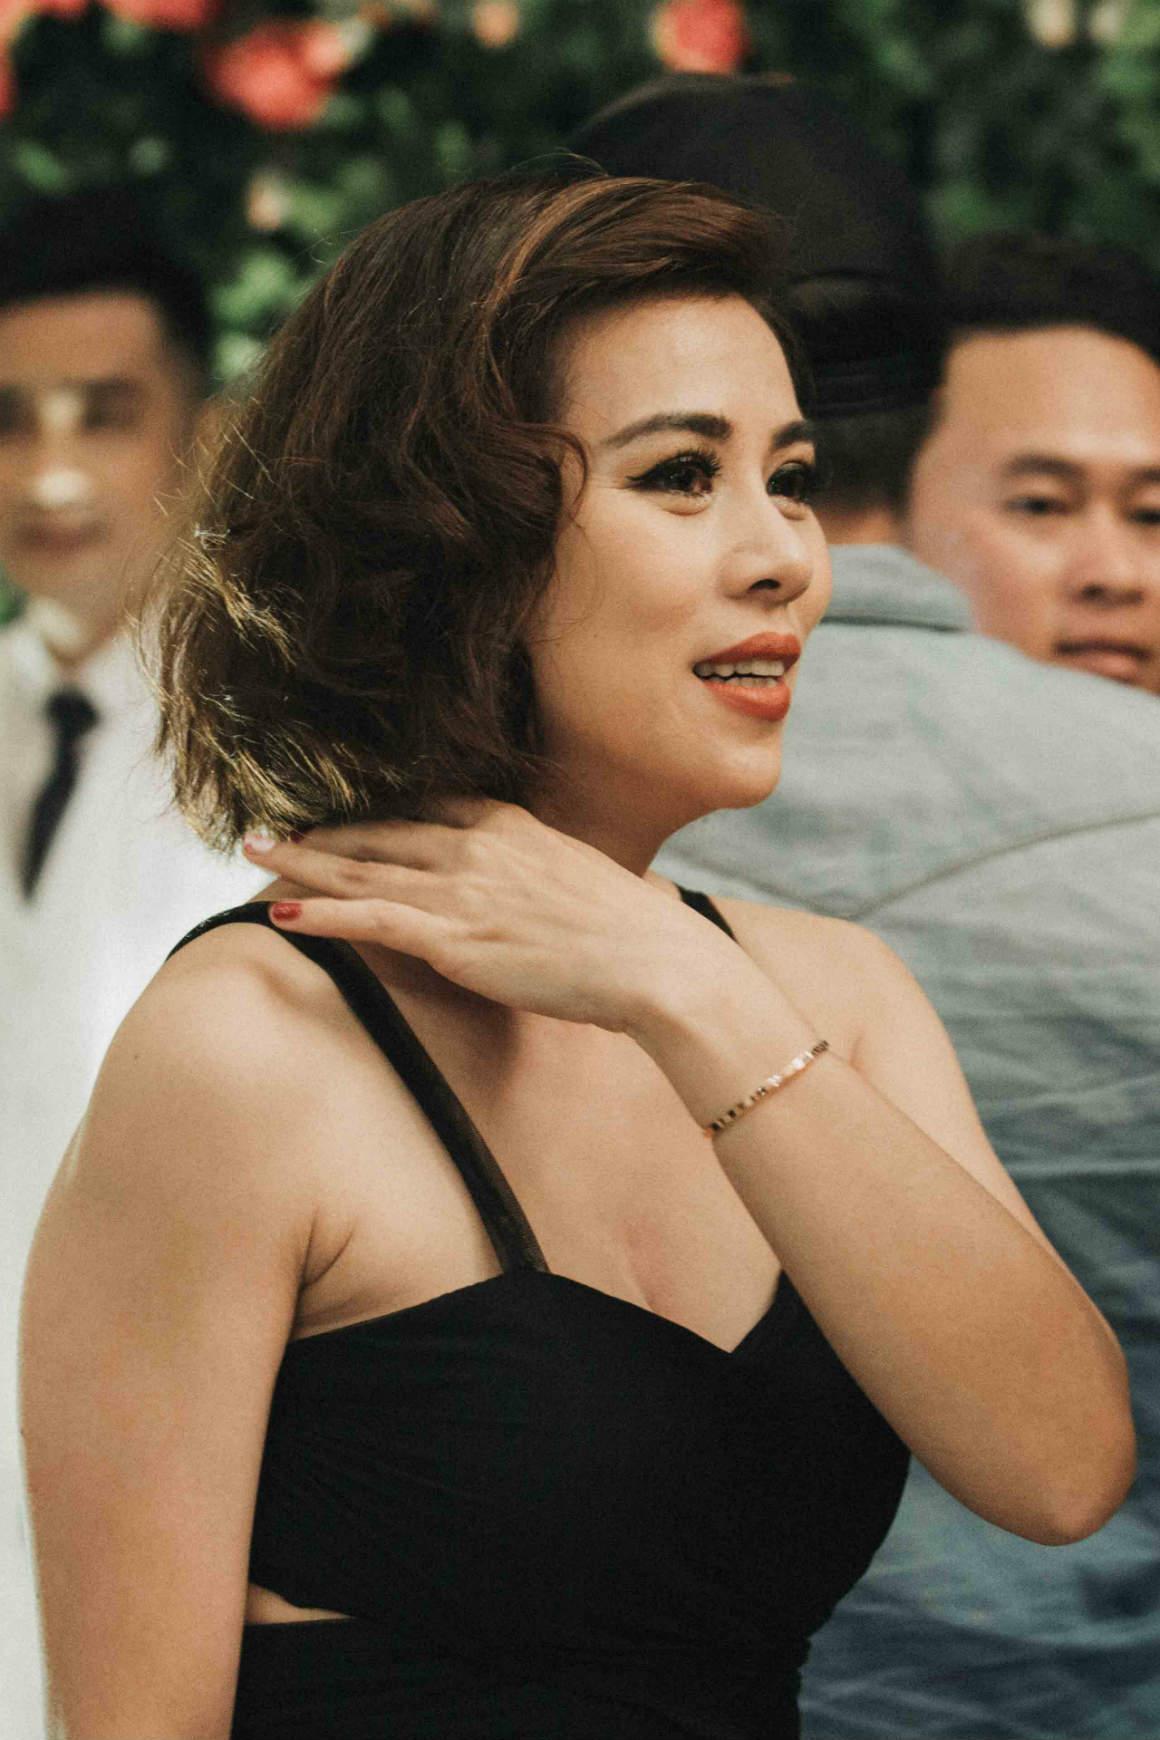 Nghệ sĩ cải lương đình đám Vũ Linh tái ngộ Thoại Mỹ trong đám cưới cháu gái - Ảnh 9